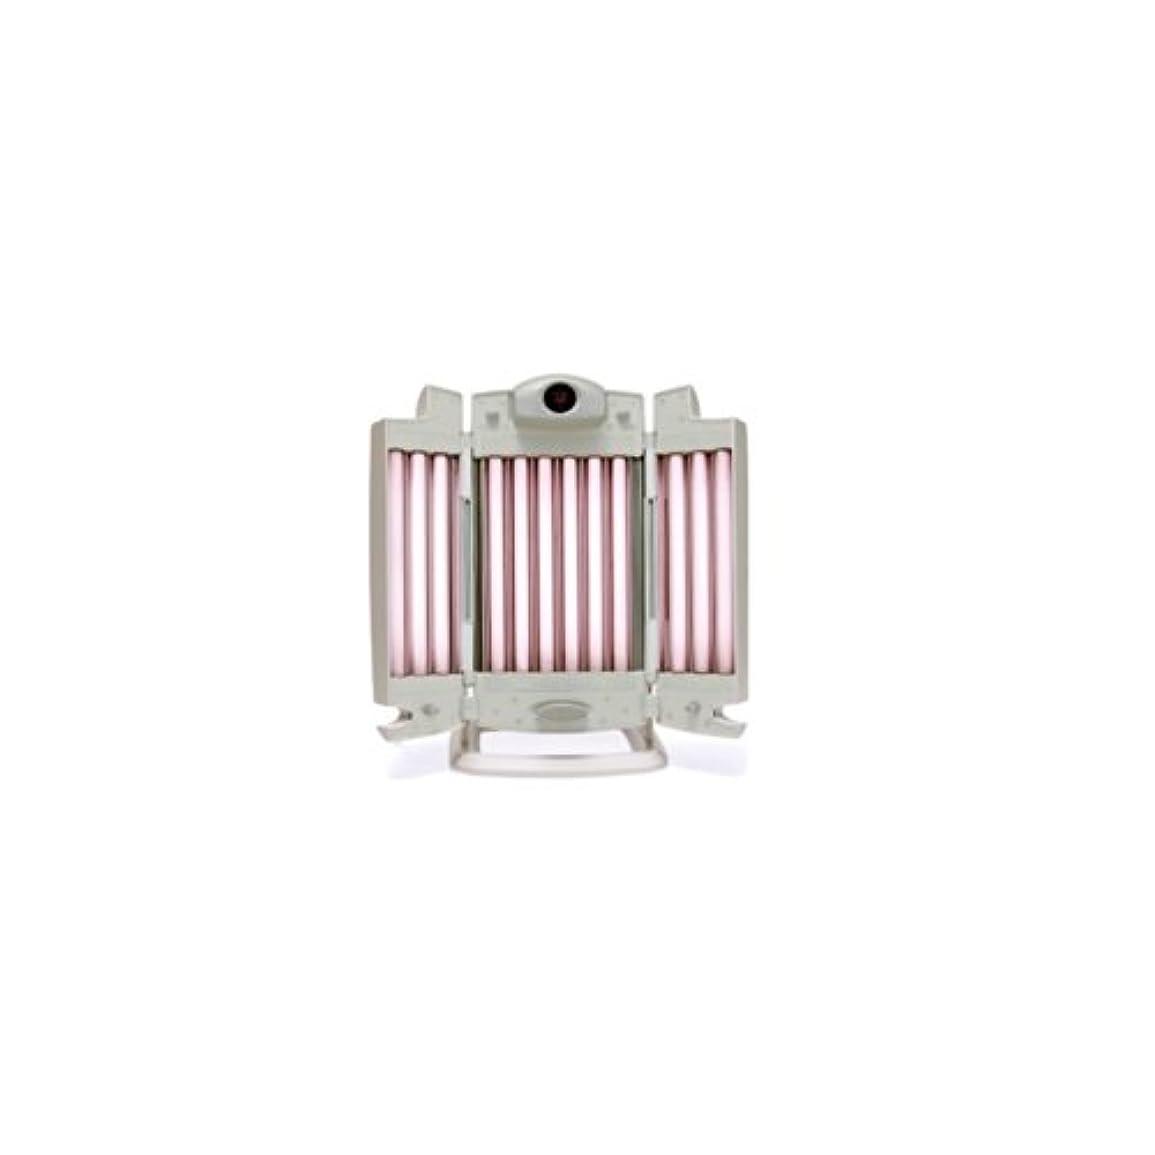 再編成する提唱する援助するBaby's Colla Beauty Light Type FACIAL(ベビーズコラ ビューティーライト フェイシャルタイプ)